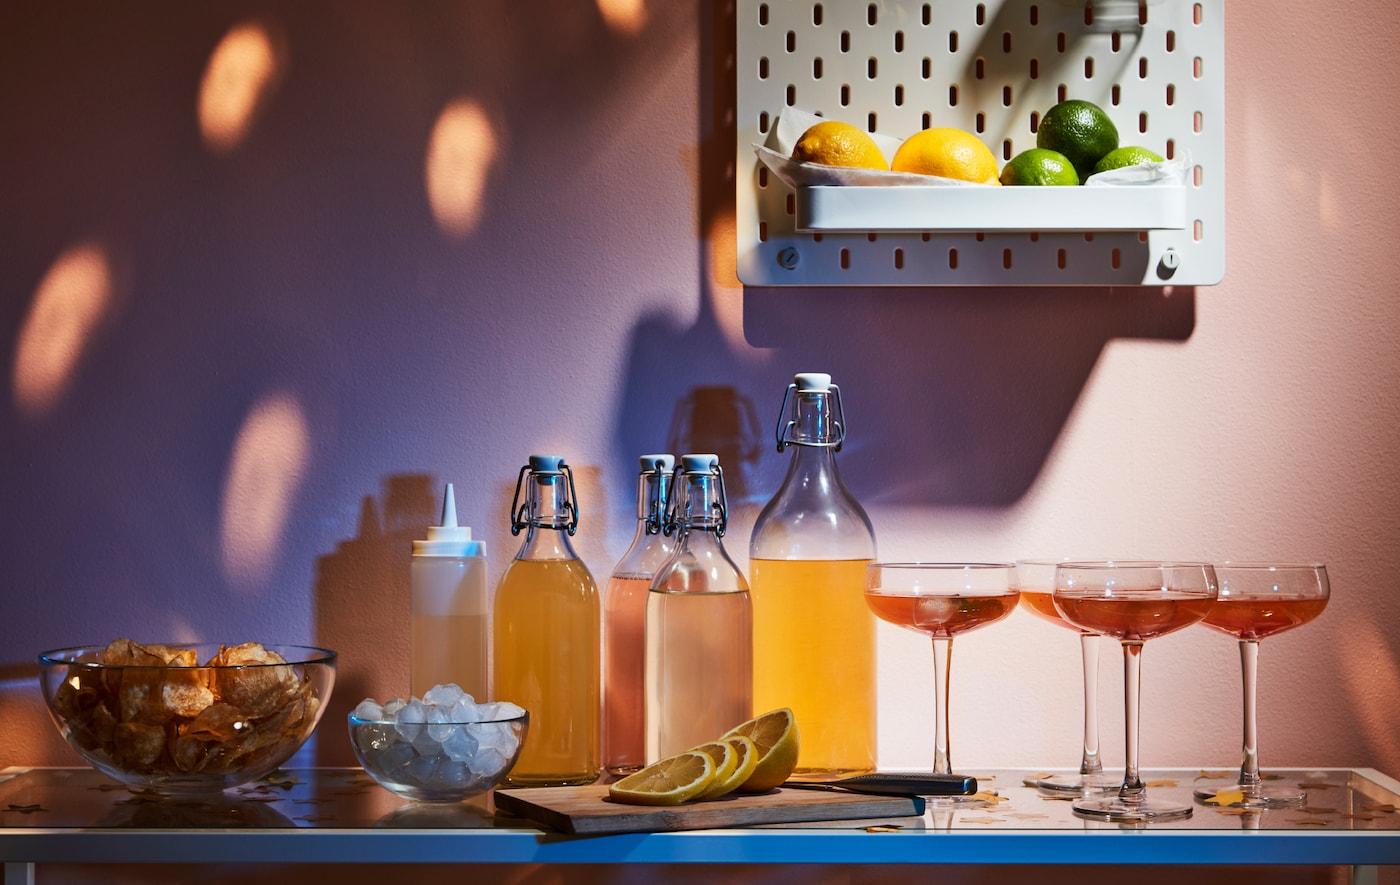 Des boissons, verres et accessoires sur une table basse. Sur le mur au-dessus, des citrons jaunes et verts sont présentés sur un panneau perforé SKÅDIS.